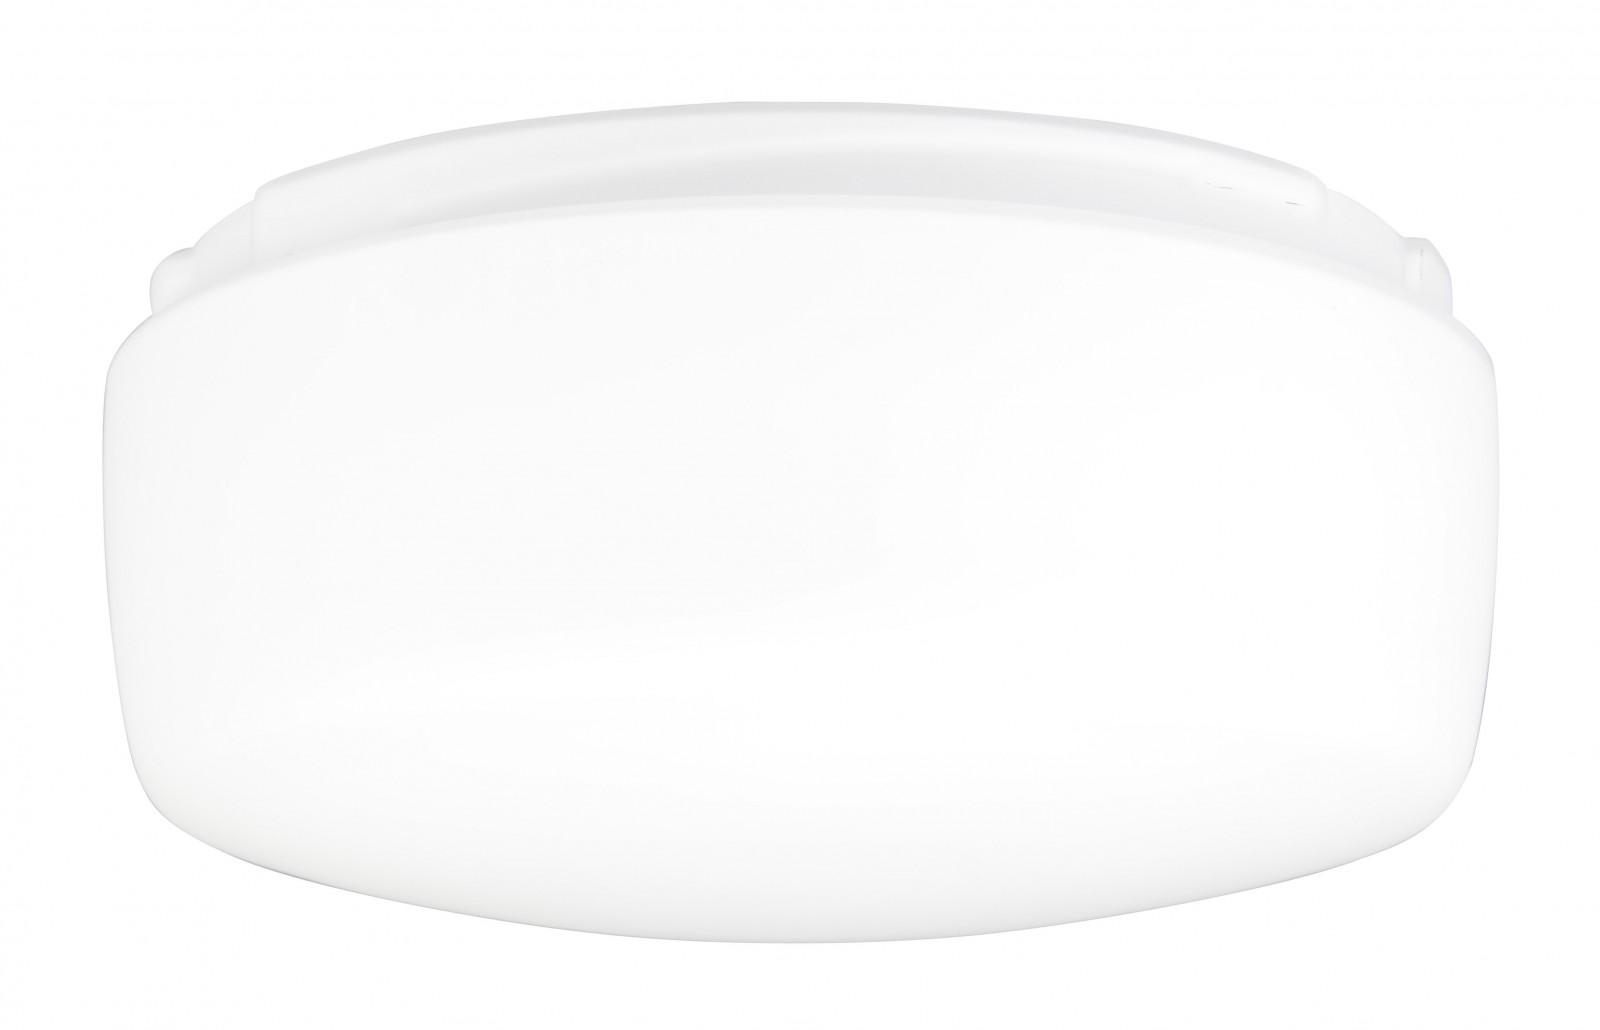 Westinghouse globe de rechange pour ventilateur de plafond delancey 78001 ventilateurs de - Globe pour ventilateur de plafond ...